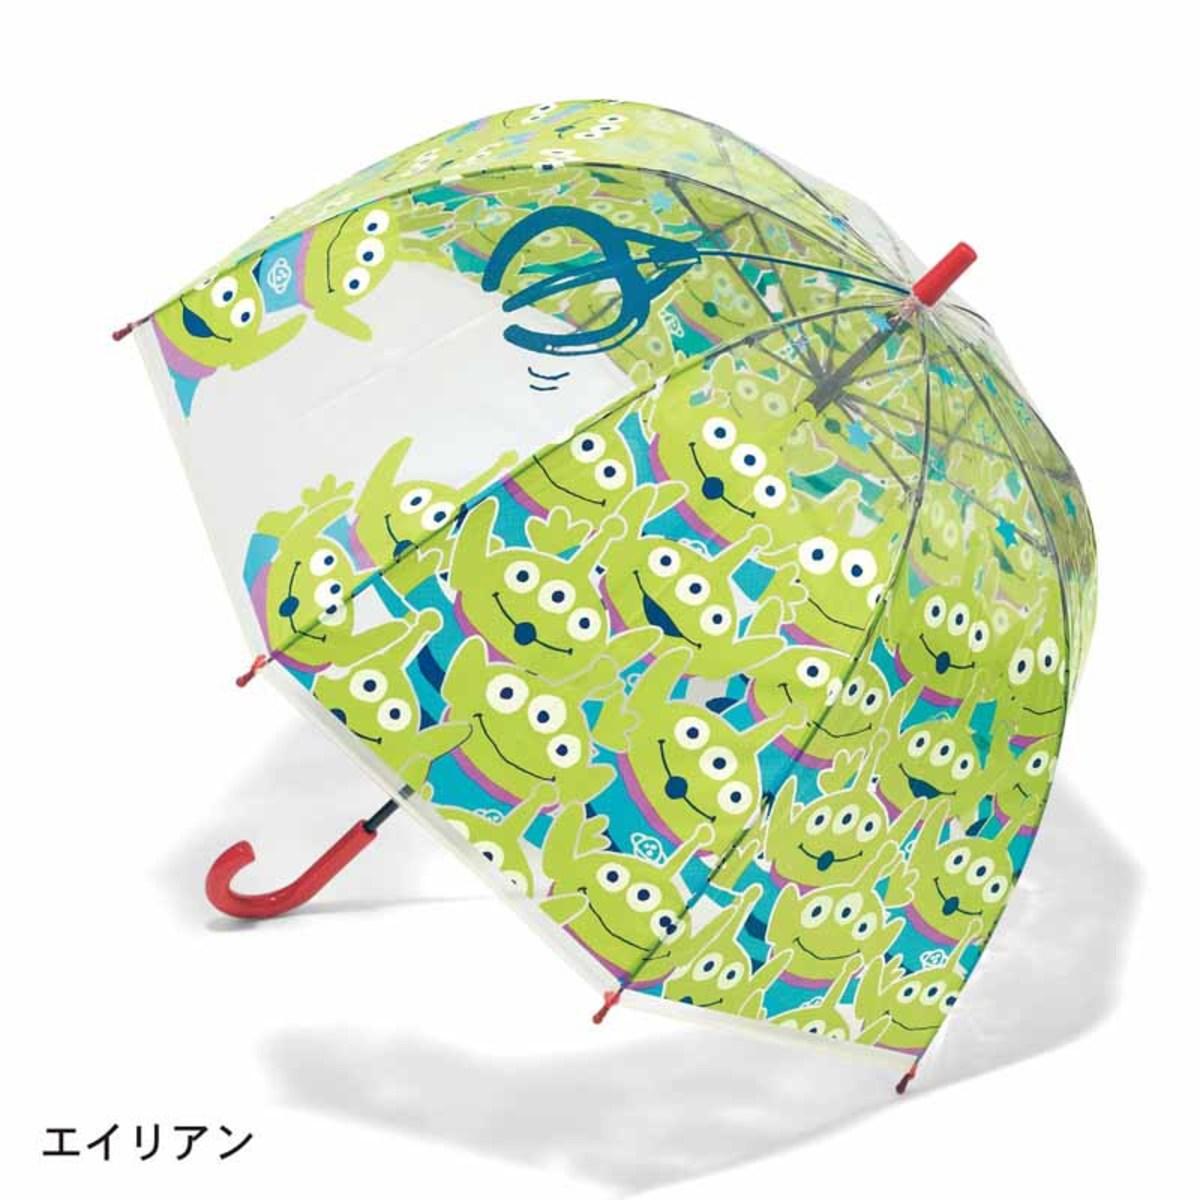 迪士尼U型雨傘 - 三眼仔